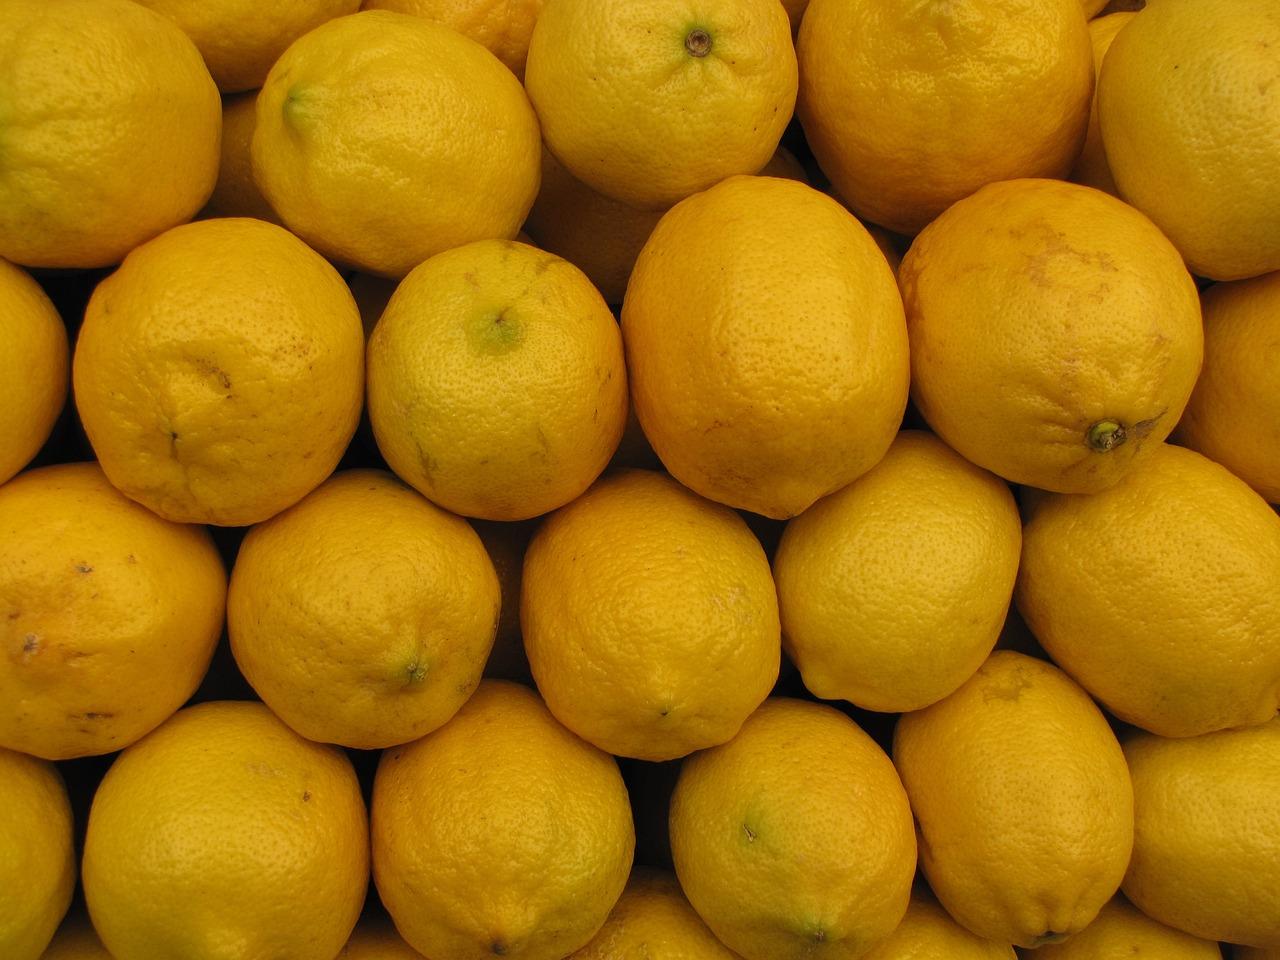 открытка сочные лимоны картинка даритель